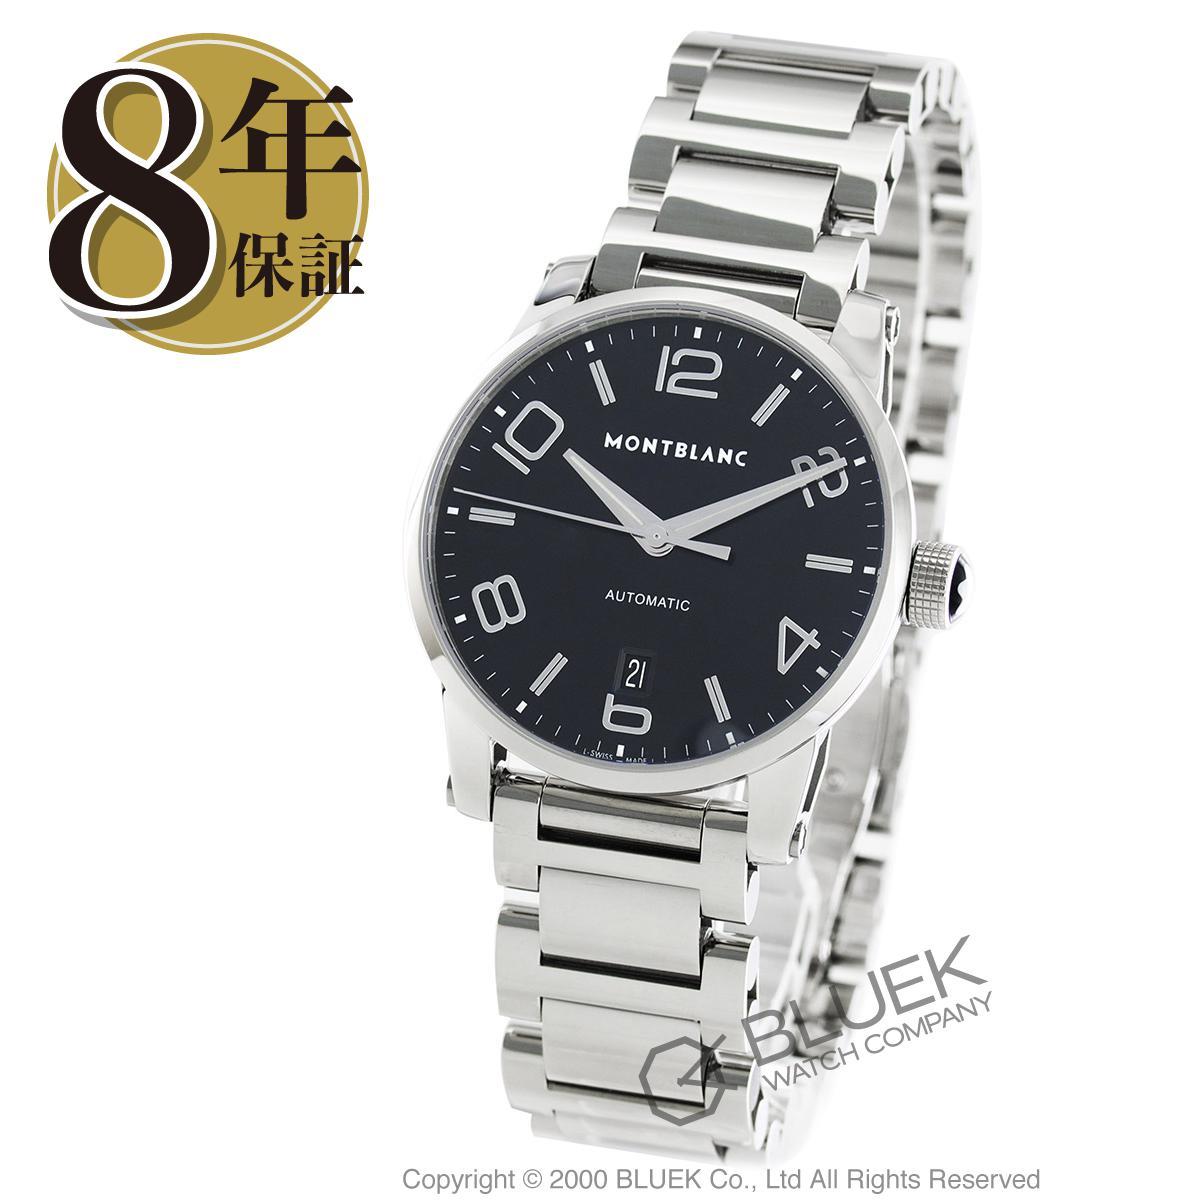 モンブラン タイムウォーカー 腕時計 メンズ MONTBLANC 105962_8 バーゲン 成人祝い ギフト プレゼント